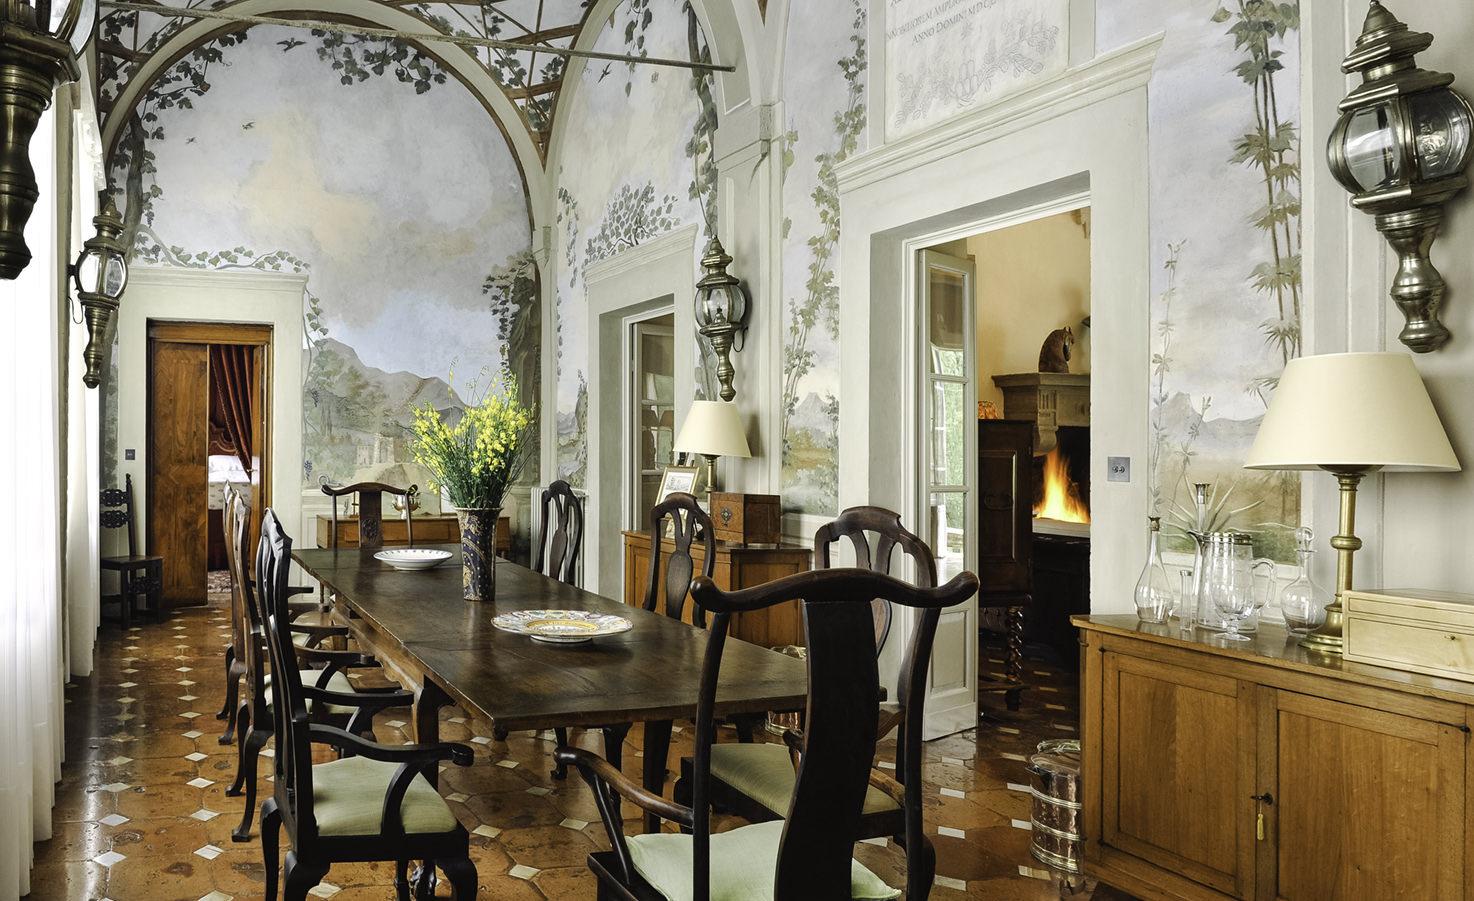 Interior of Villa Cetinale